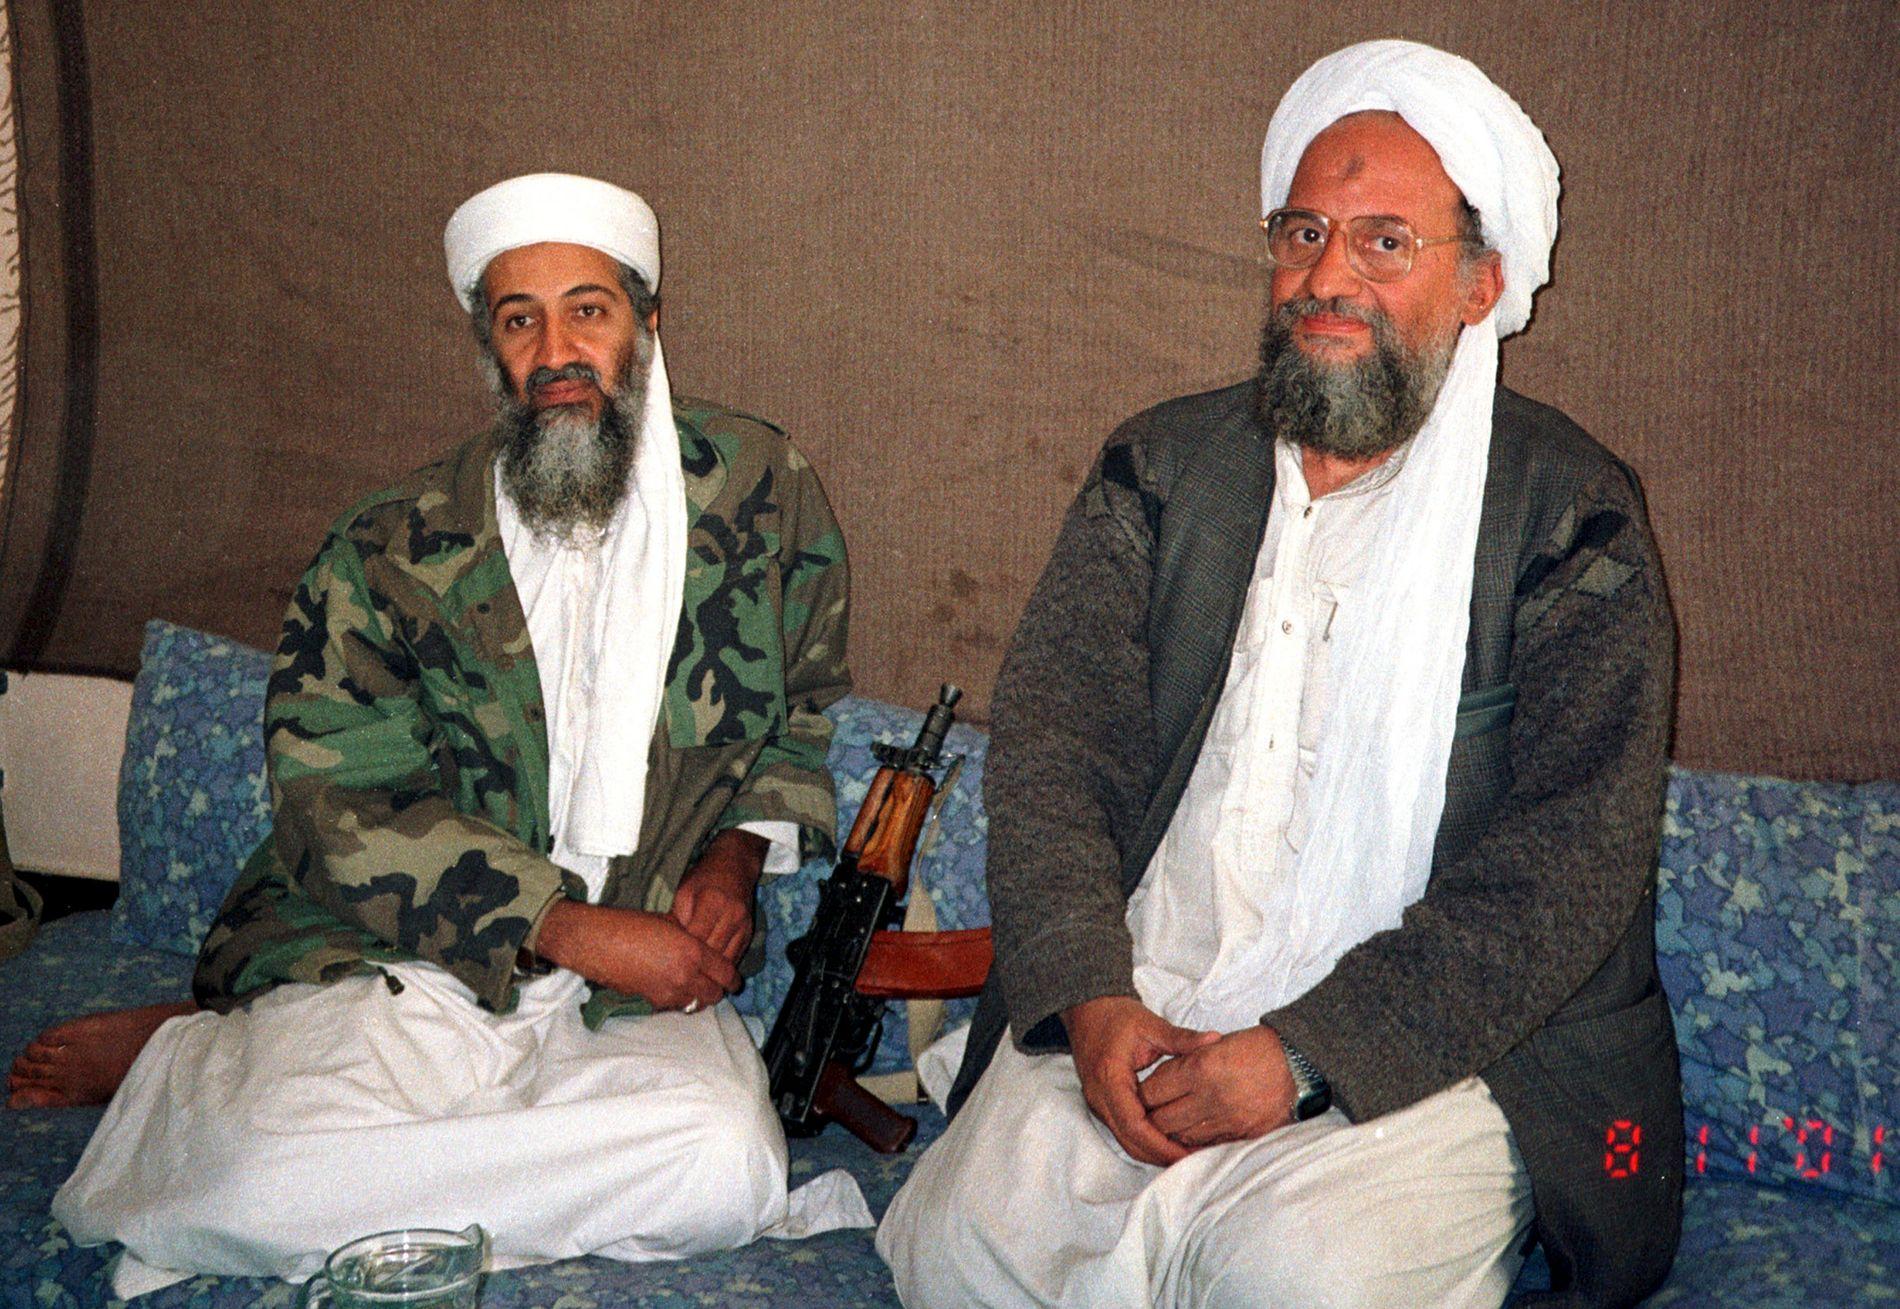 GRUNNLEGGERNE: Osama bin Laden sammen med sin nestleder Ayman al-Zawahiri. Sistnevnte ble leder for al-Qaida i 2011.